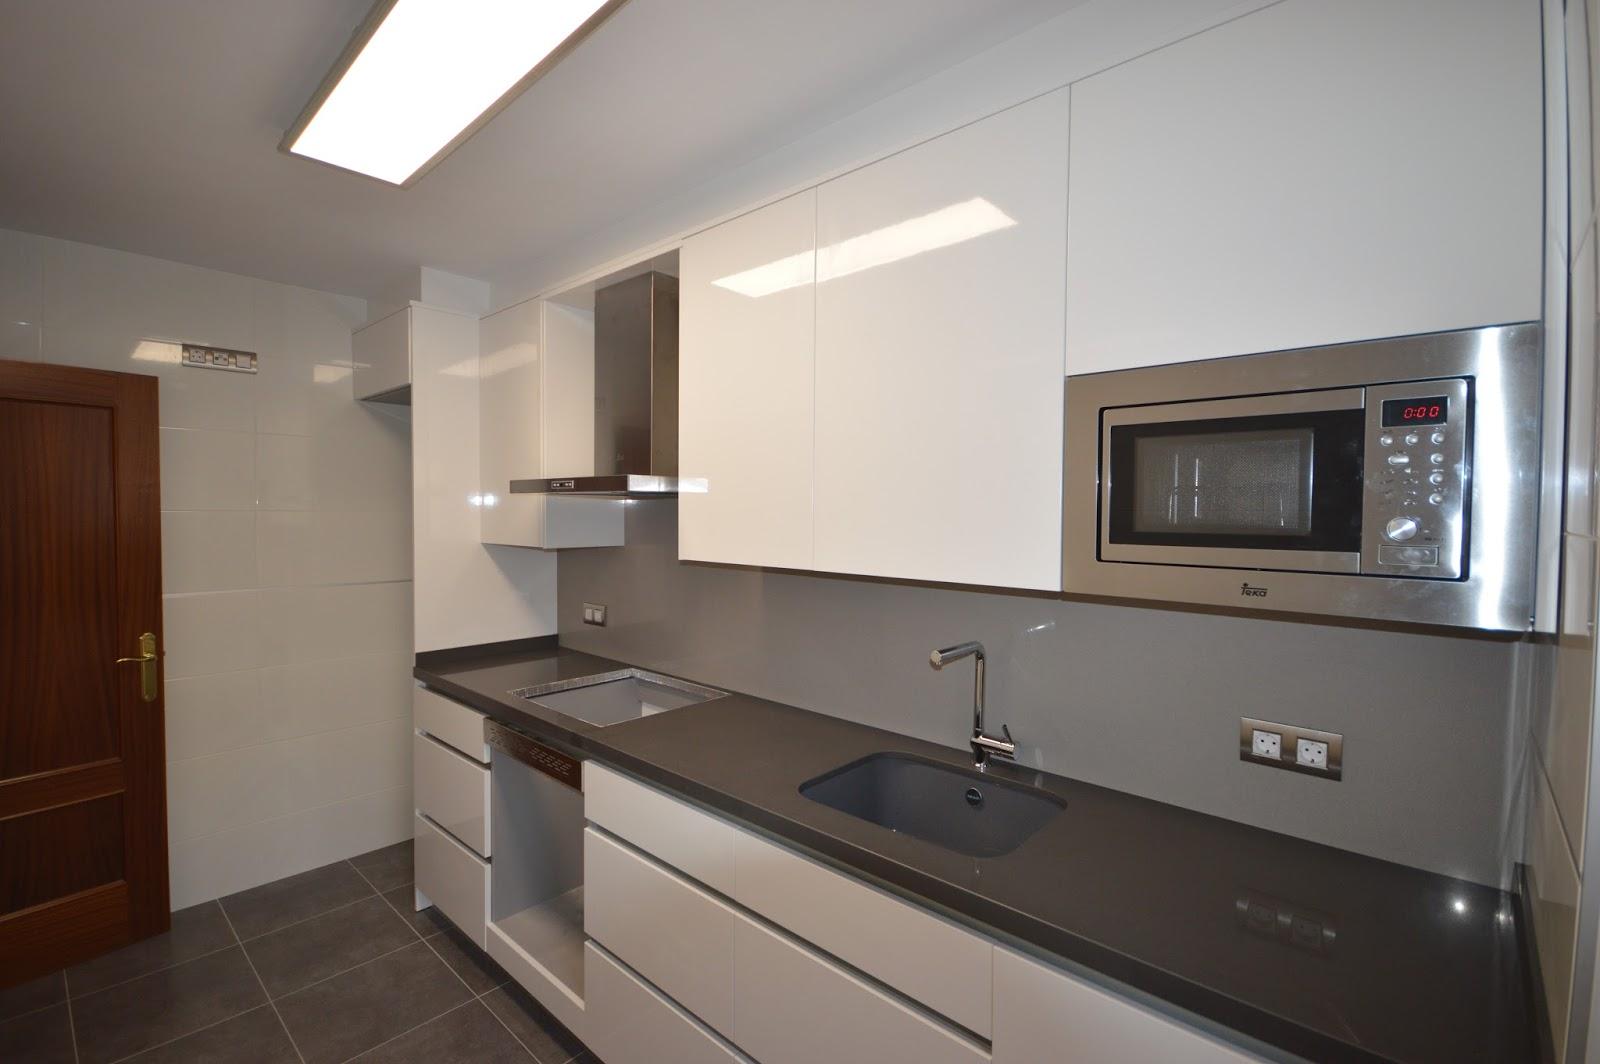 Reuscuina muebles de cocina en blanco brillo sin tiradores - Tiradores de muebles de cocina ...